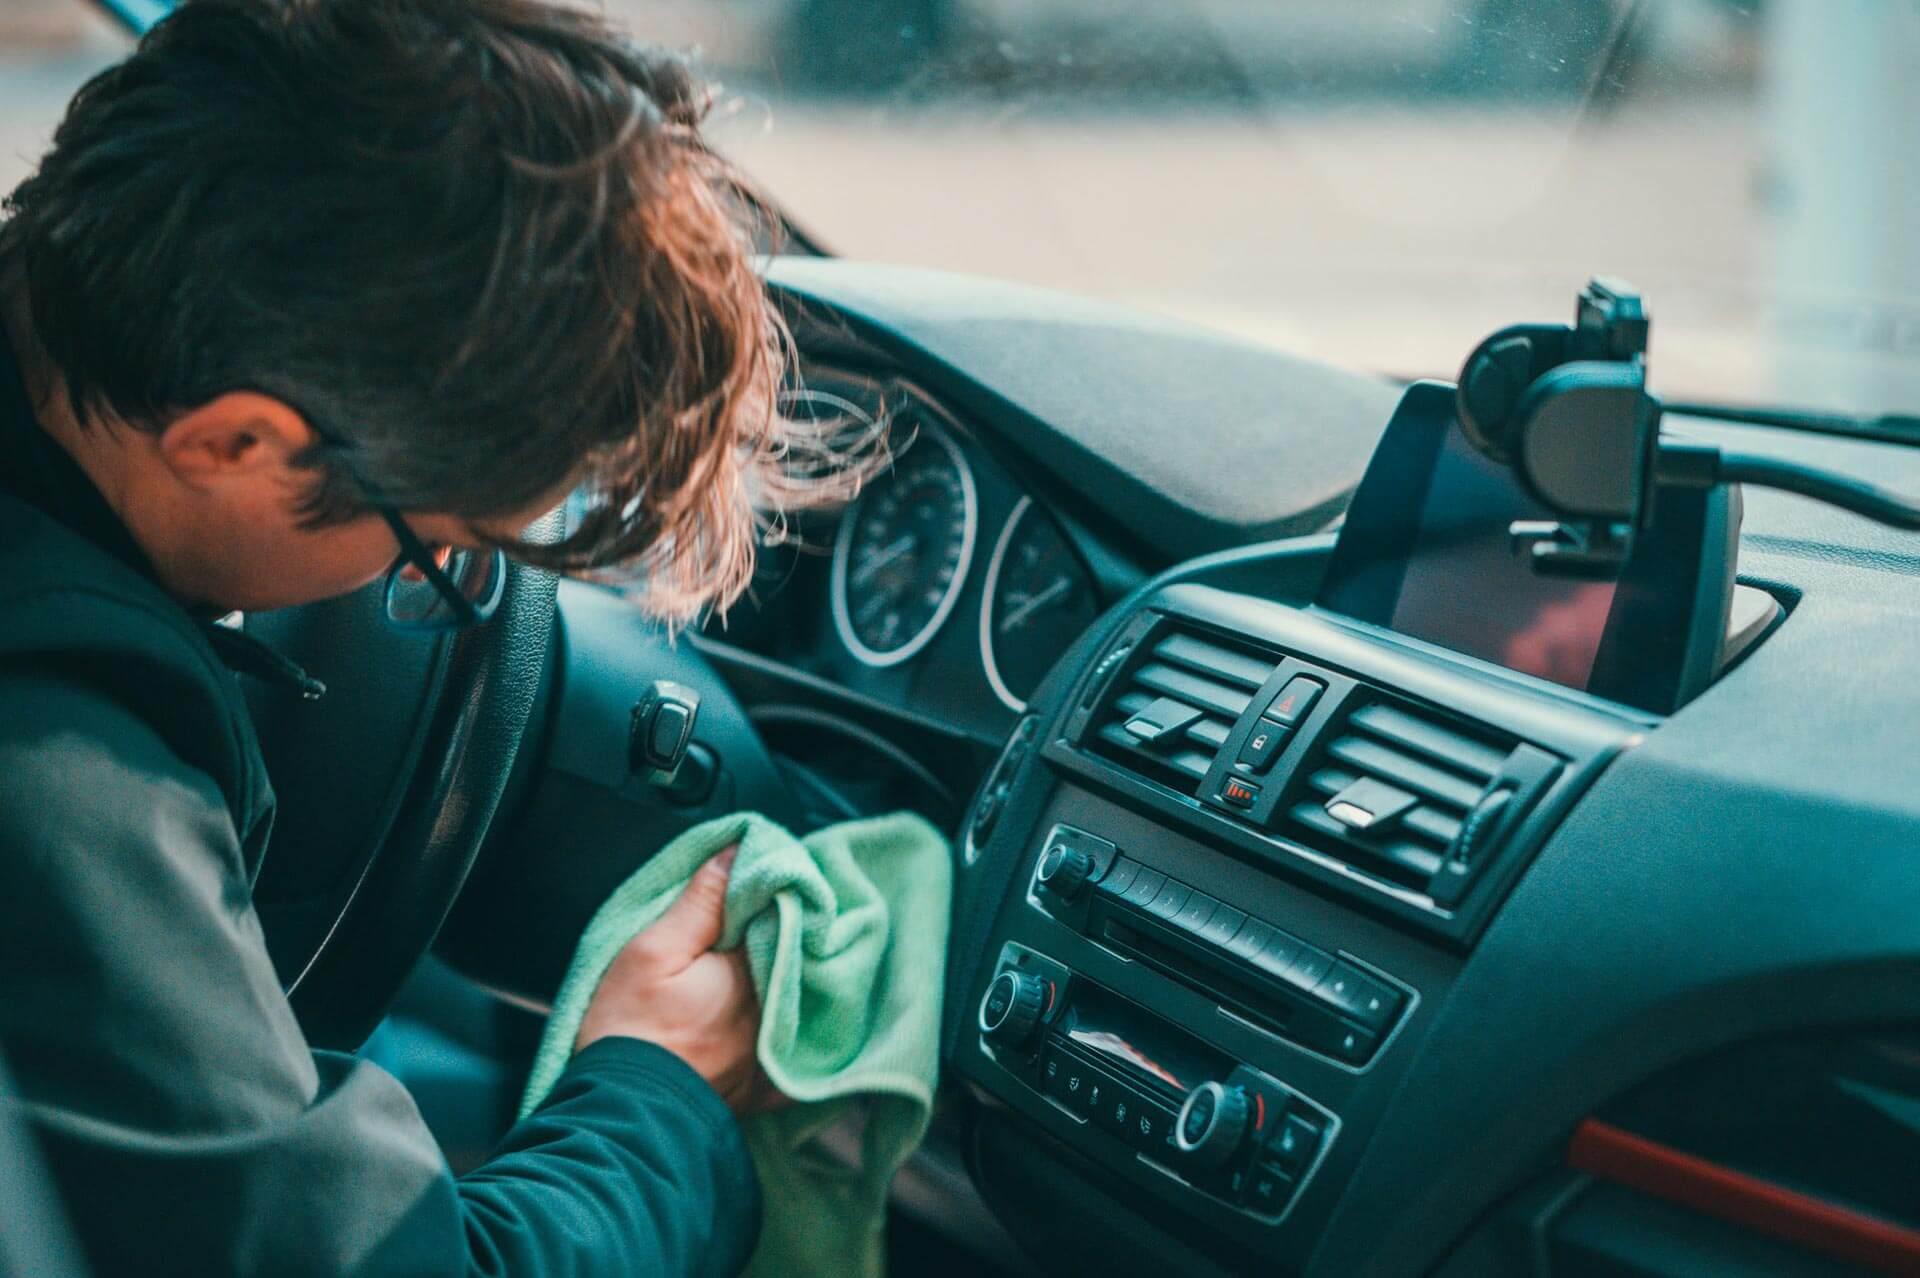 Les finitions et brillance - Nettoyage de véhicules professionnels et utilitaires